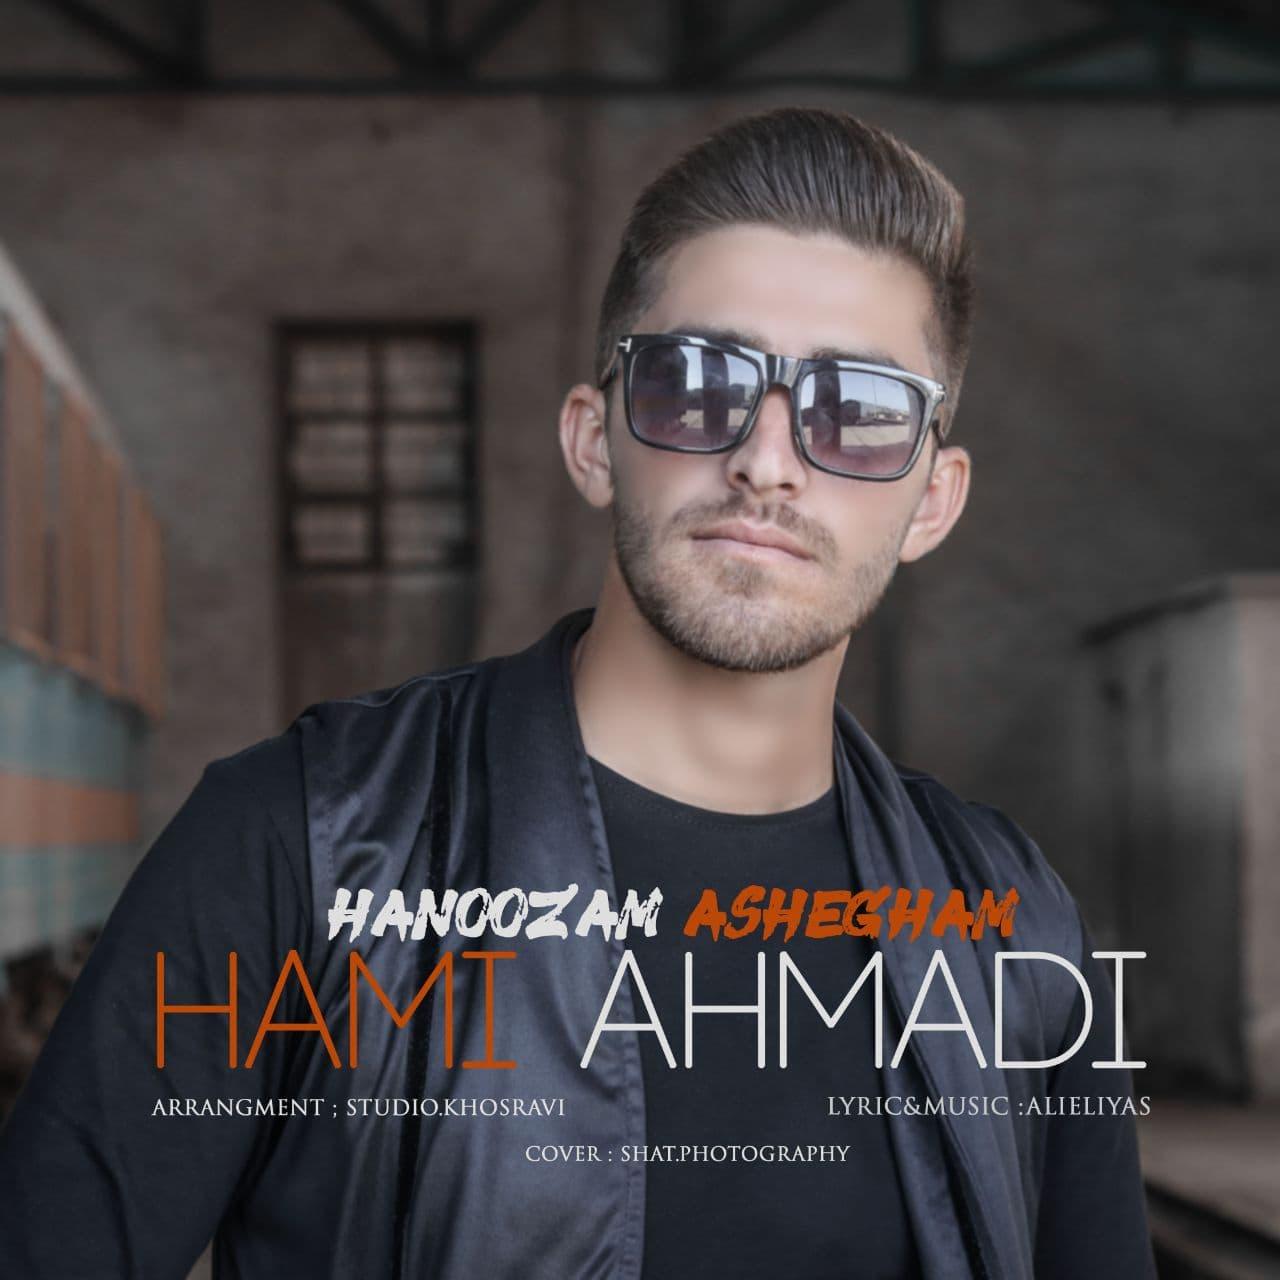 دانلود آهنگ جدید حامی احمدی هنوزم عاشقم